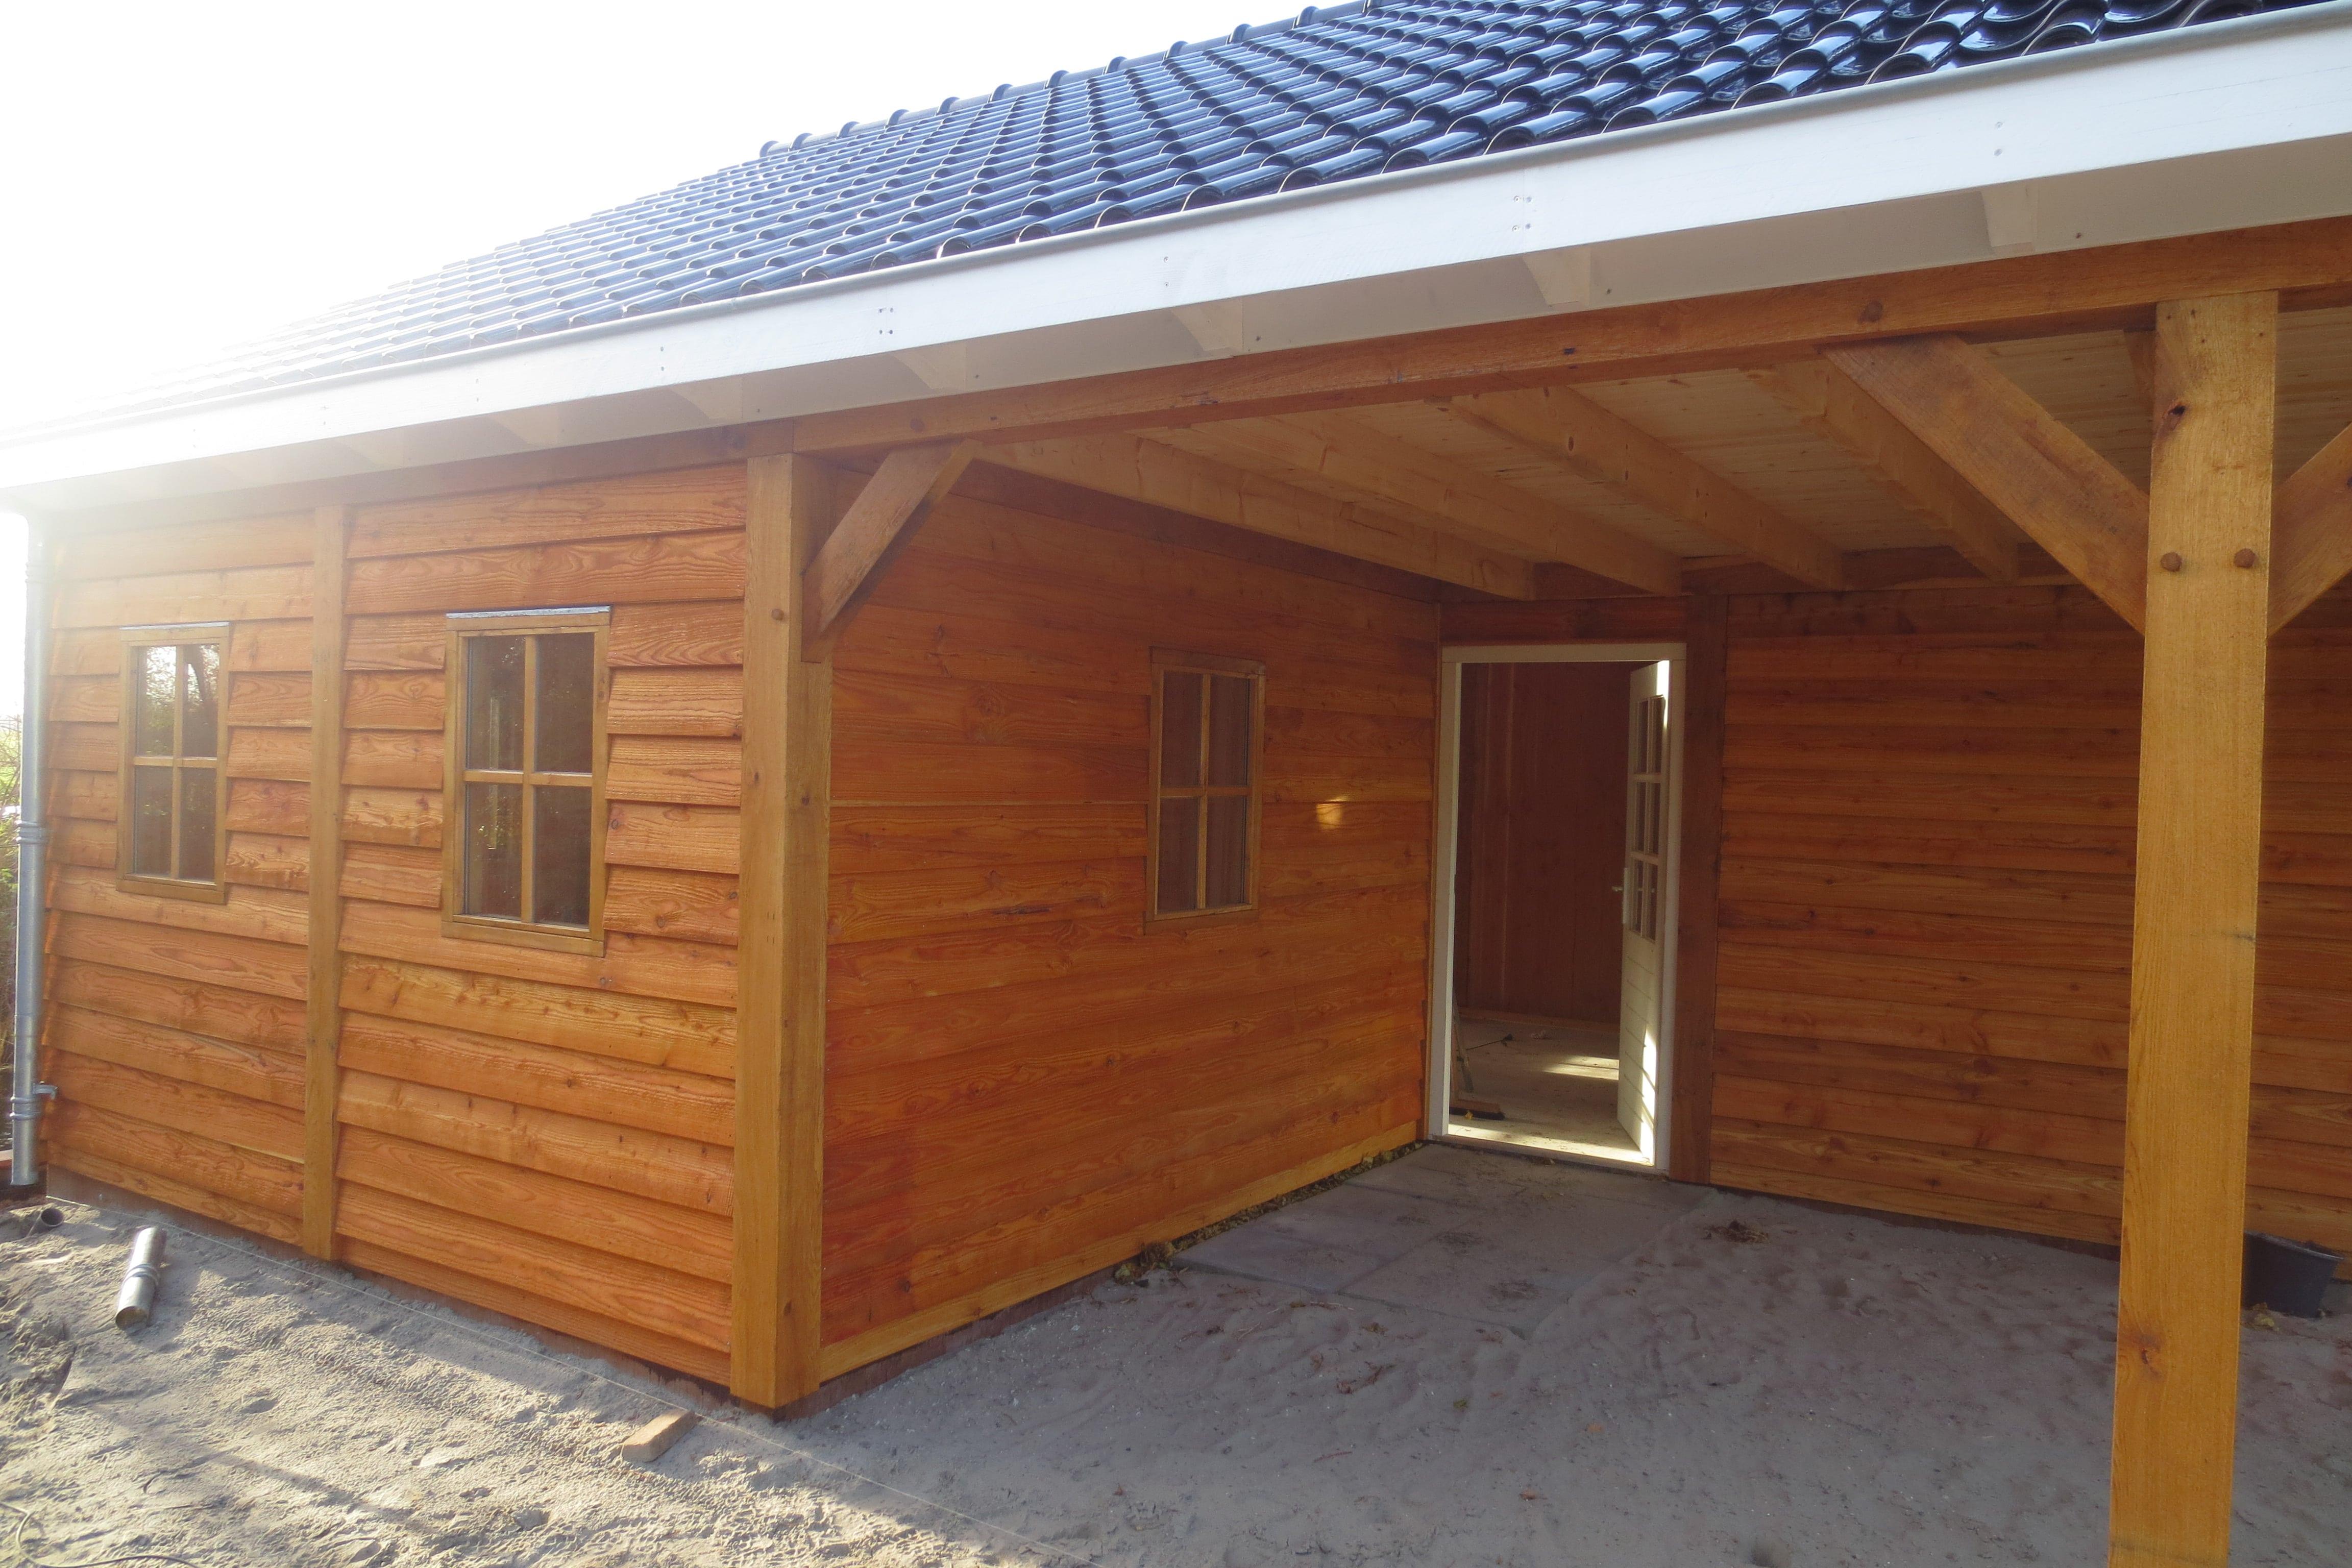 houten-garage-met-carport-6 - Project Enkhuizen: Houten garage met carport